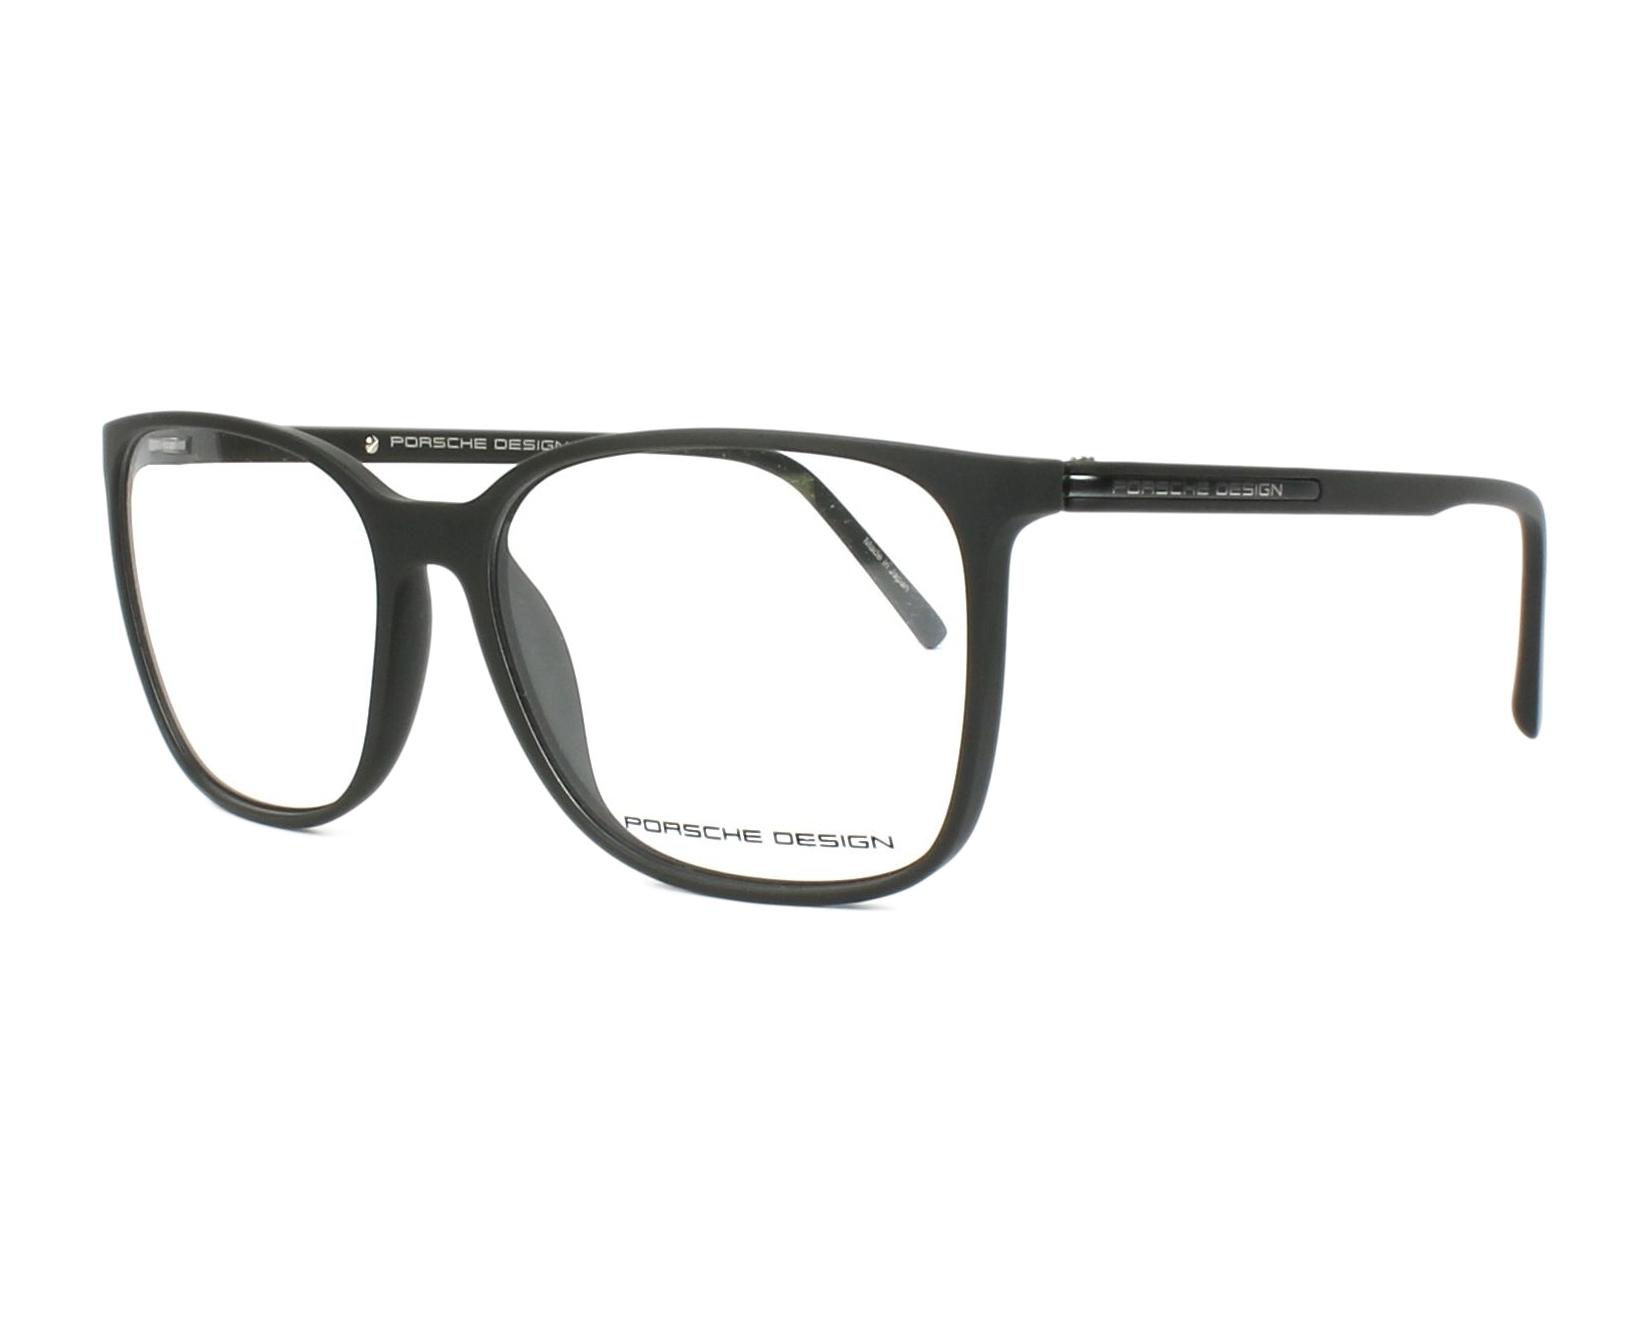 lunettes de vue porsche design p 8270 a noir monture hommes. Black Bedroom Furniture Sets. Home Design Ideas